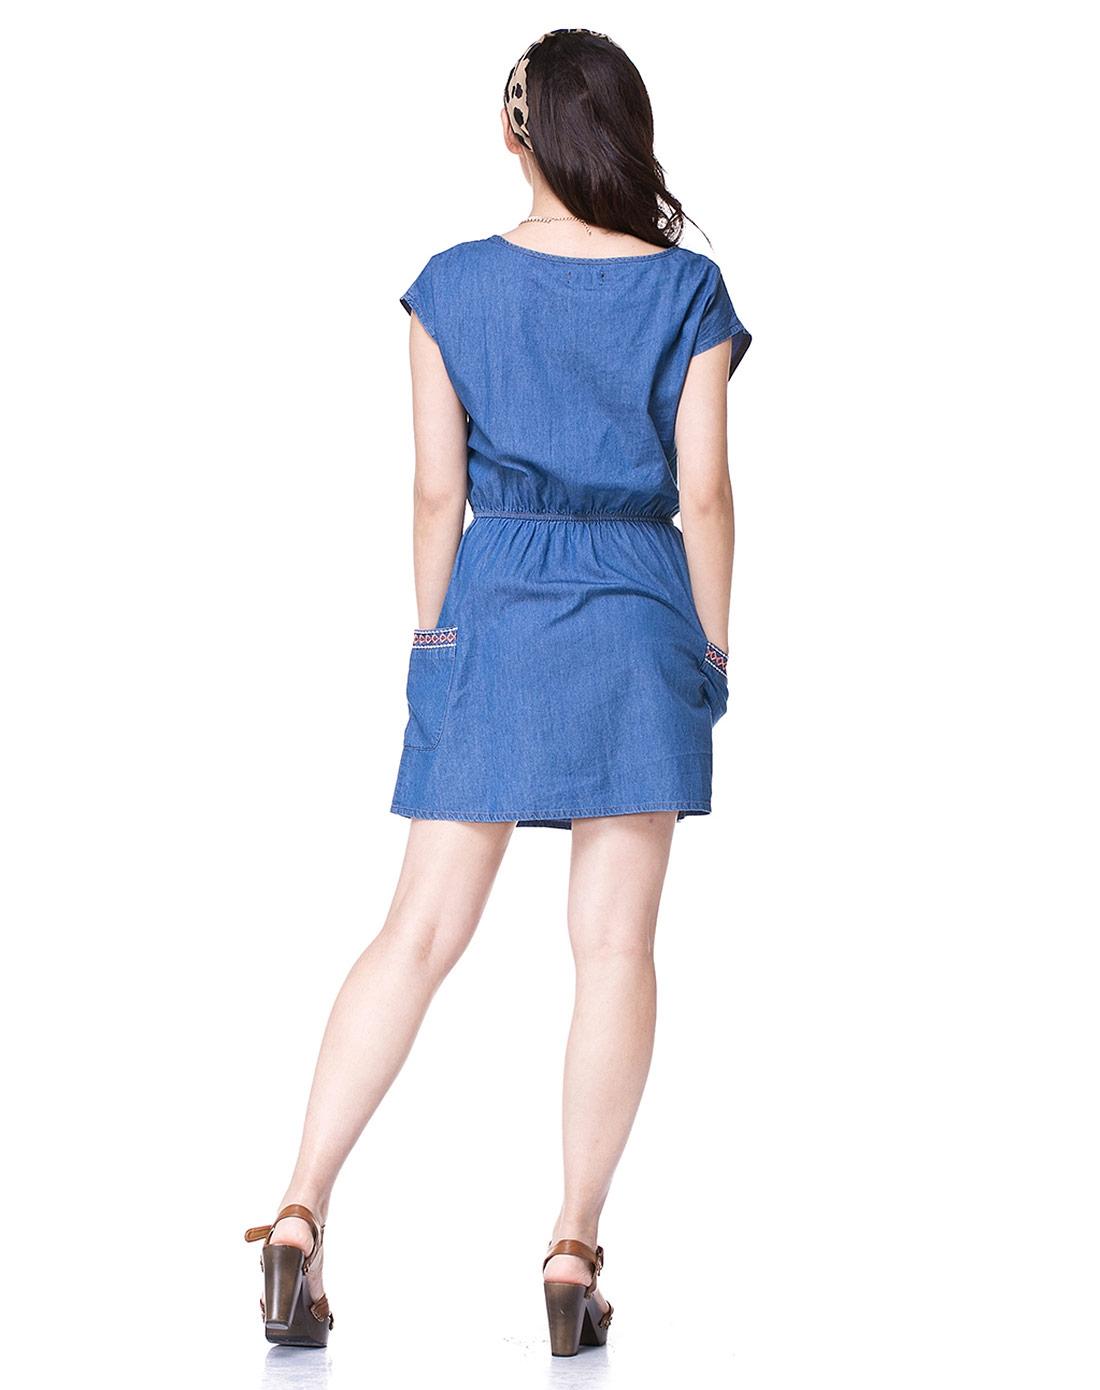 俏皮可爱蓝色短袖连衣裙